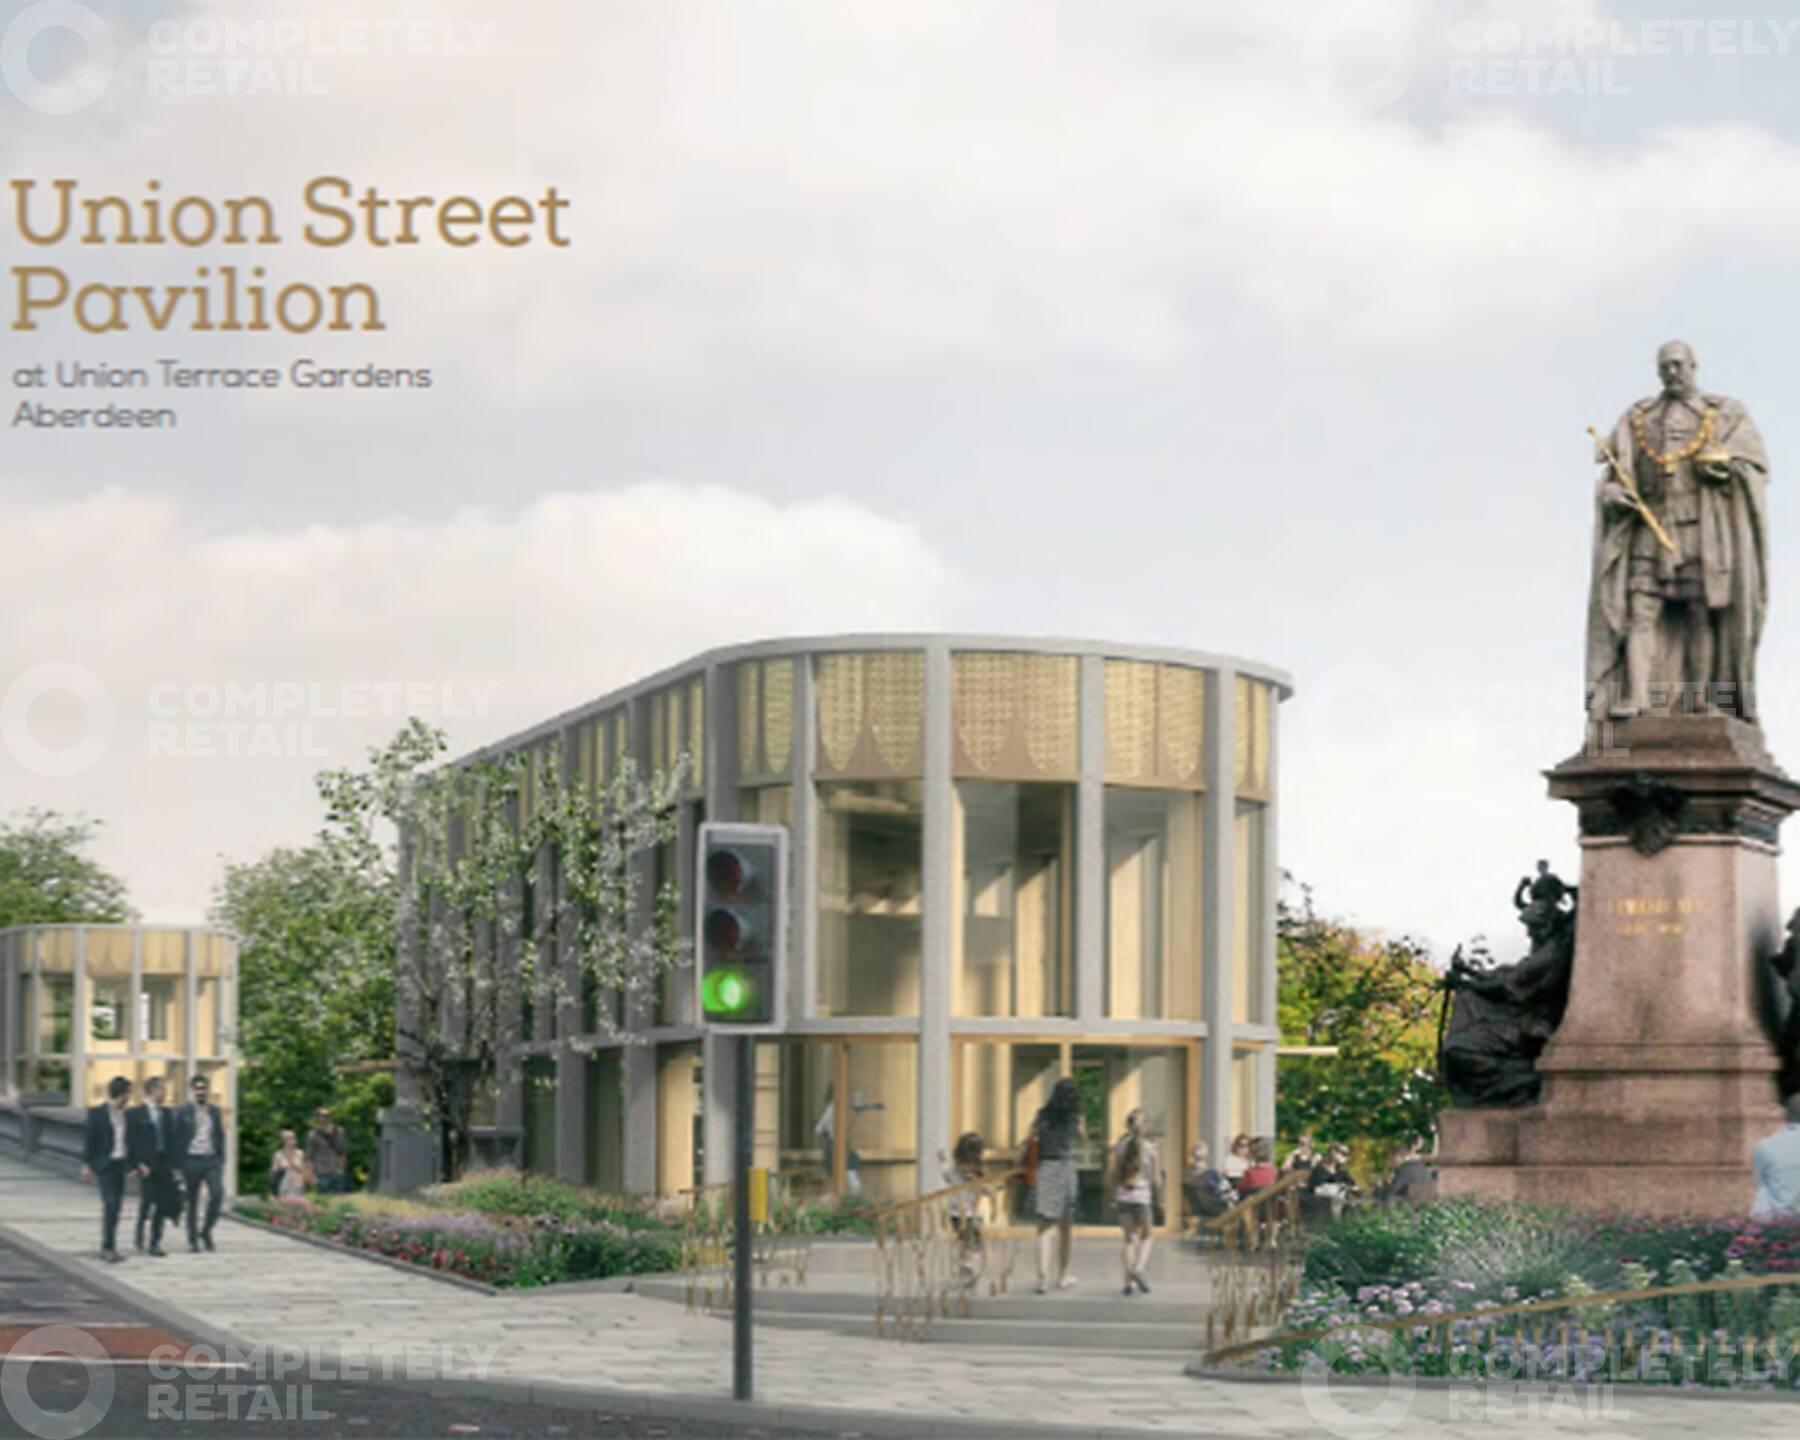 Union Street Pavilion